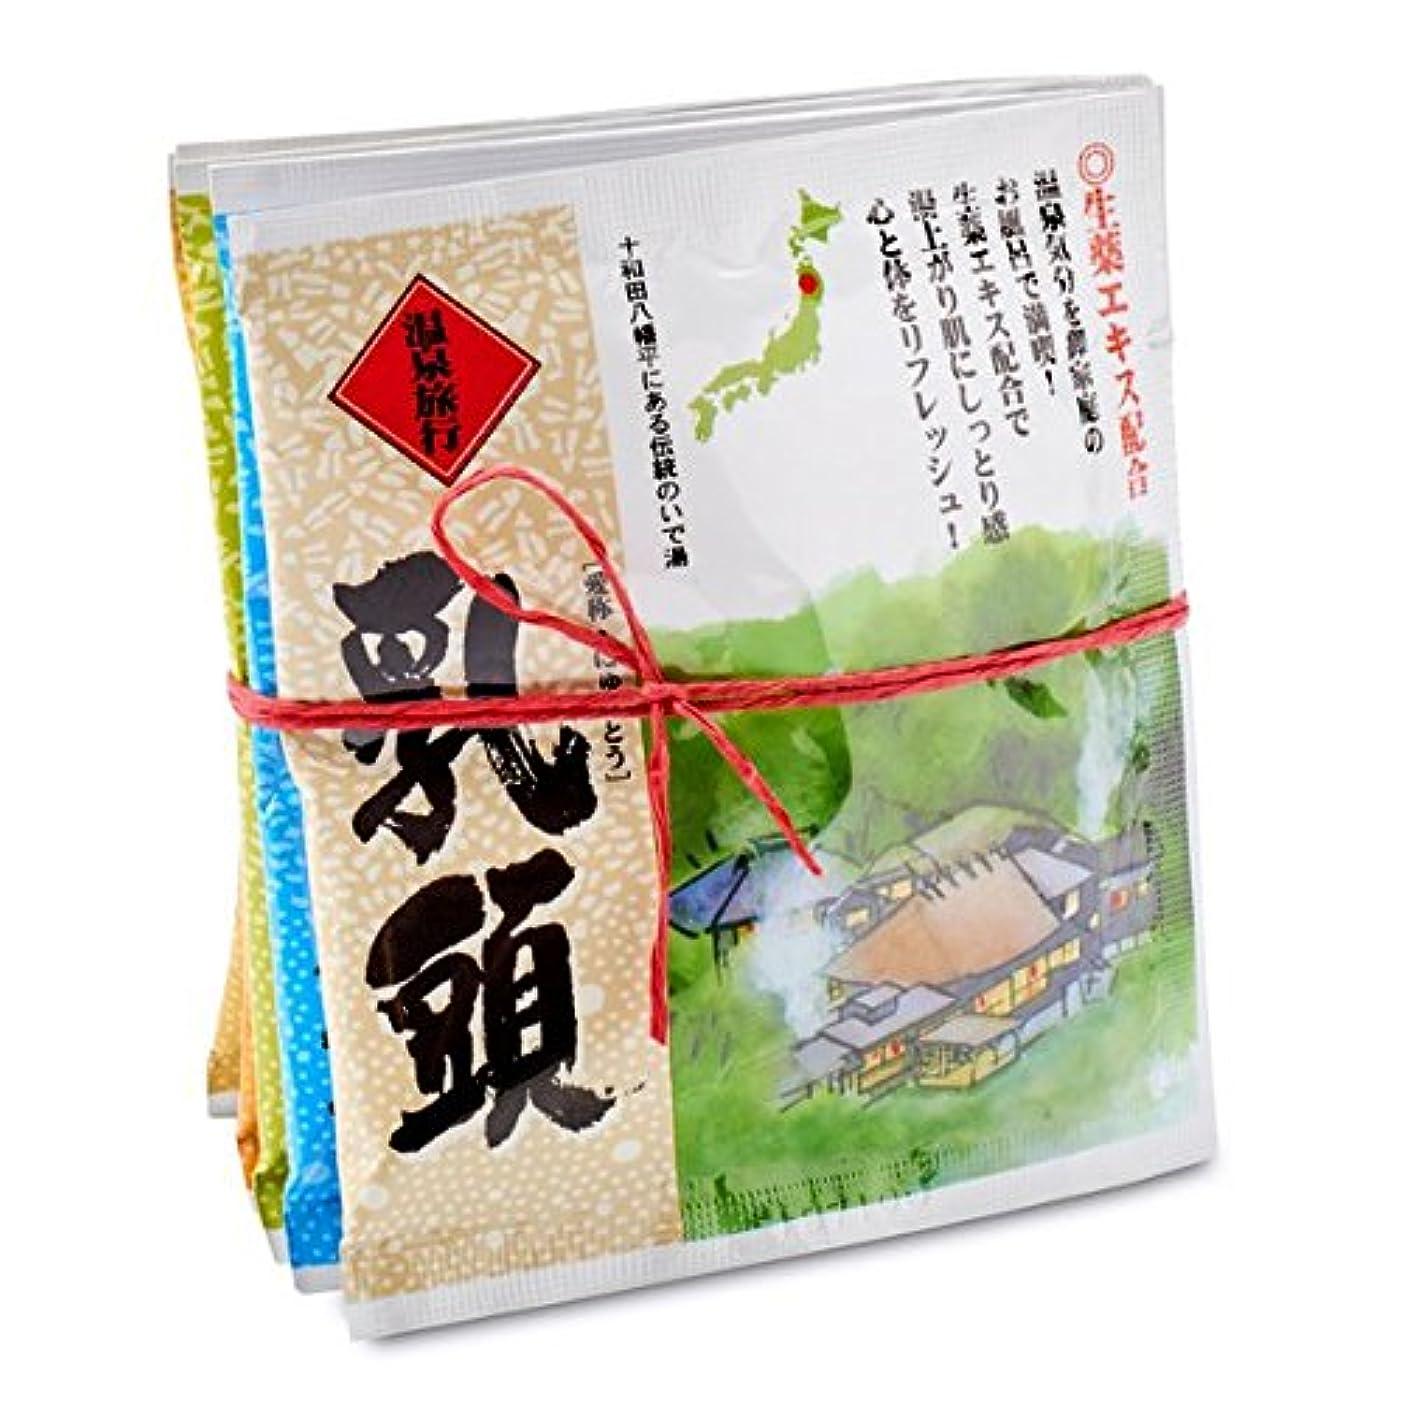 子猫職業鏡五洲薬品 温泉旅行 乳頭 25g 4987332128304